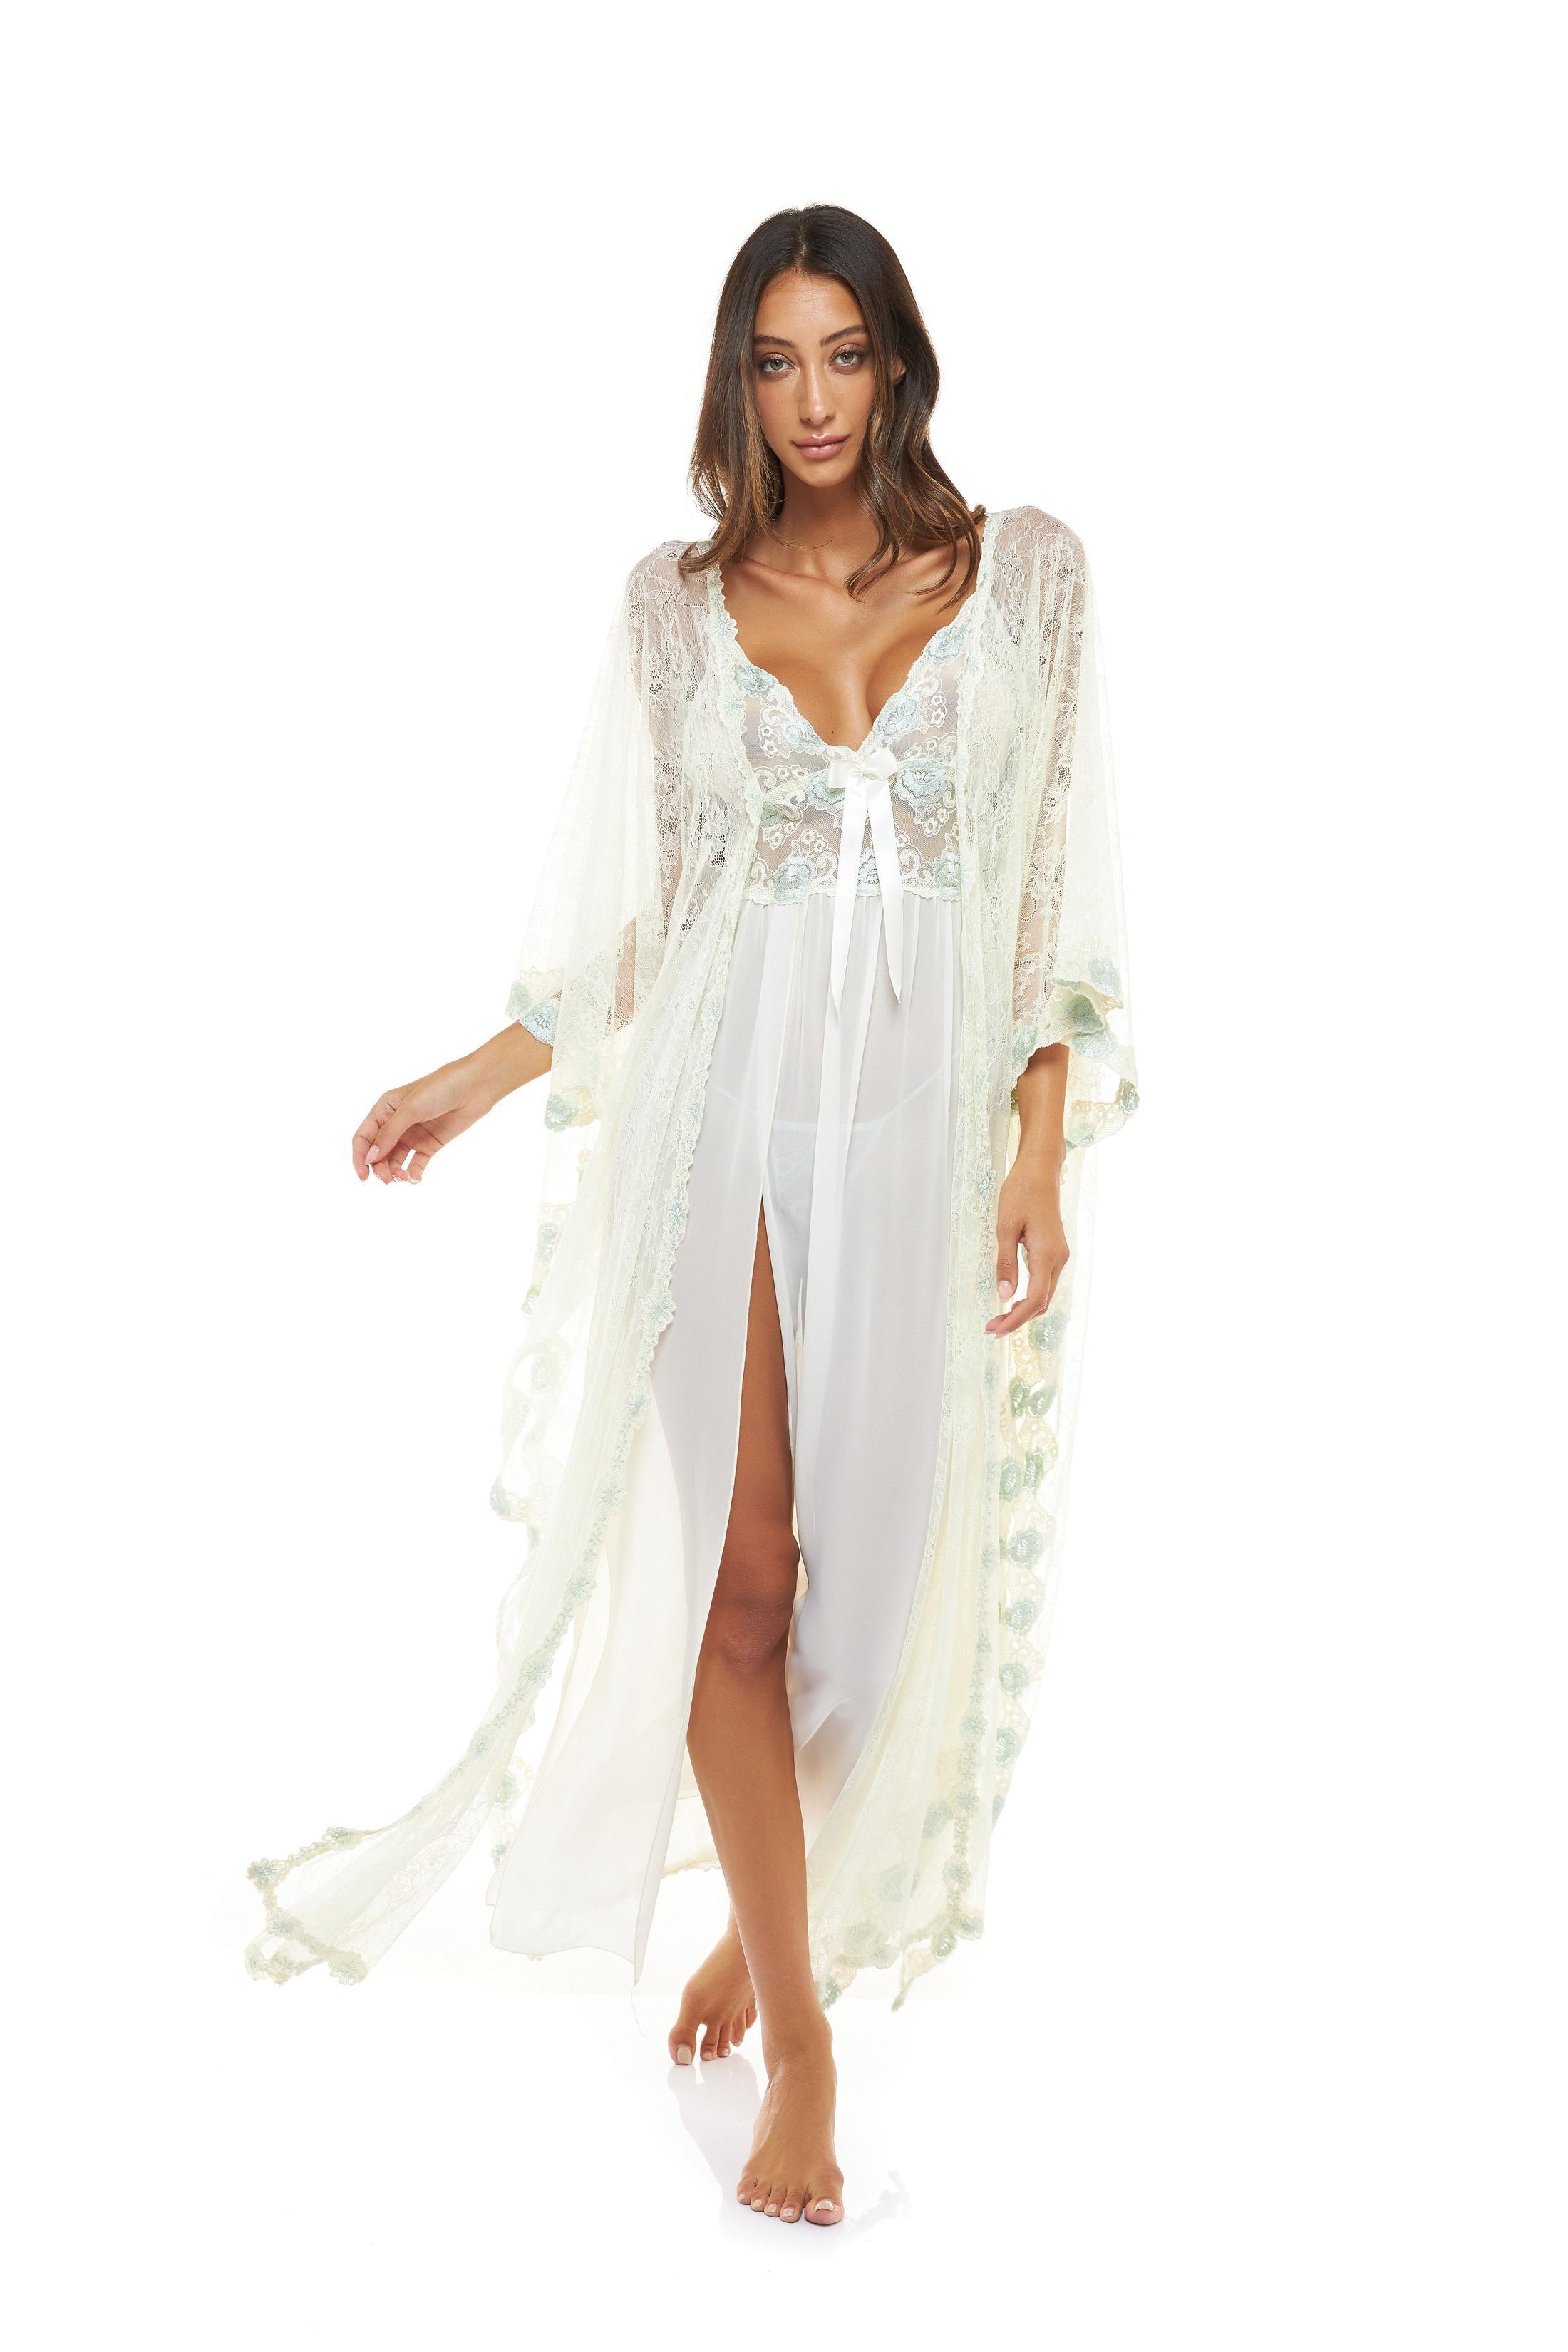 Chiffon & Lace Midi Nightdress with Matching Lace kimono - Ivory